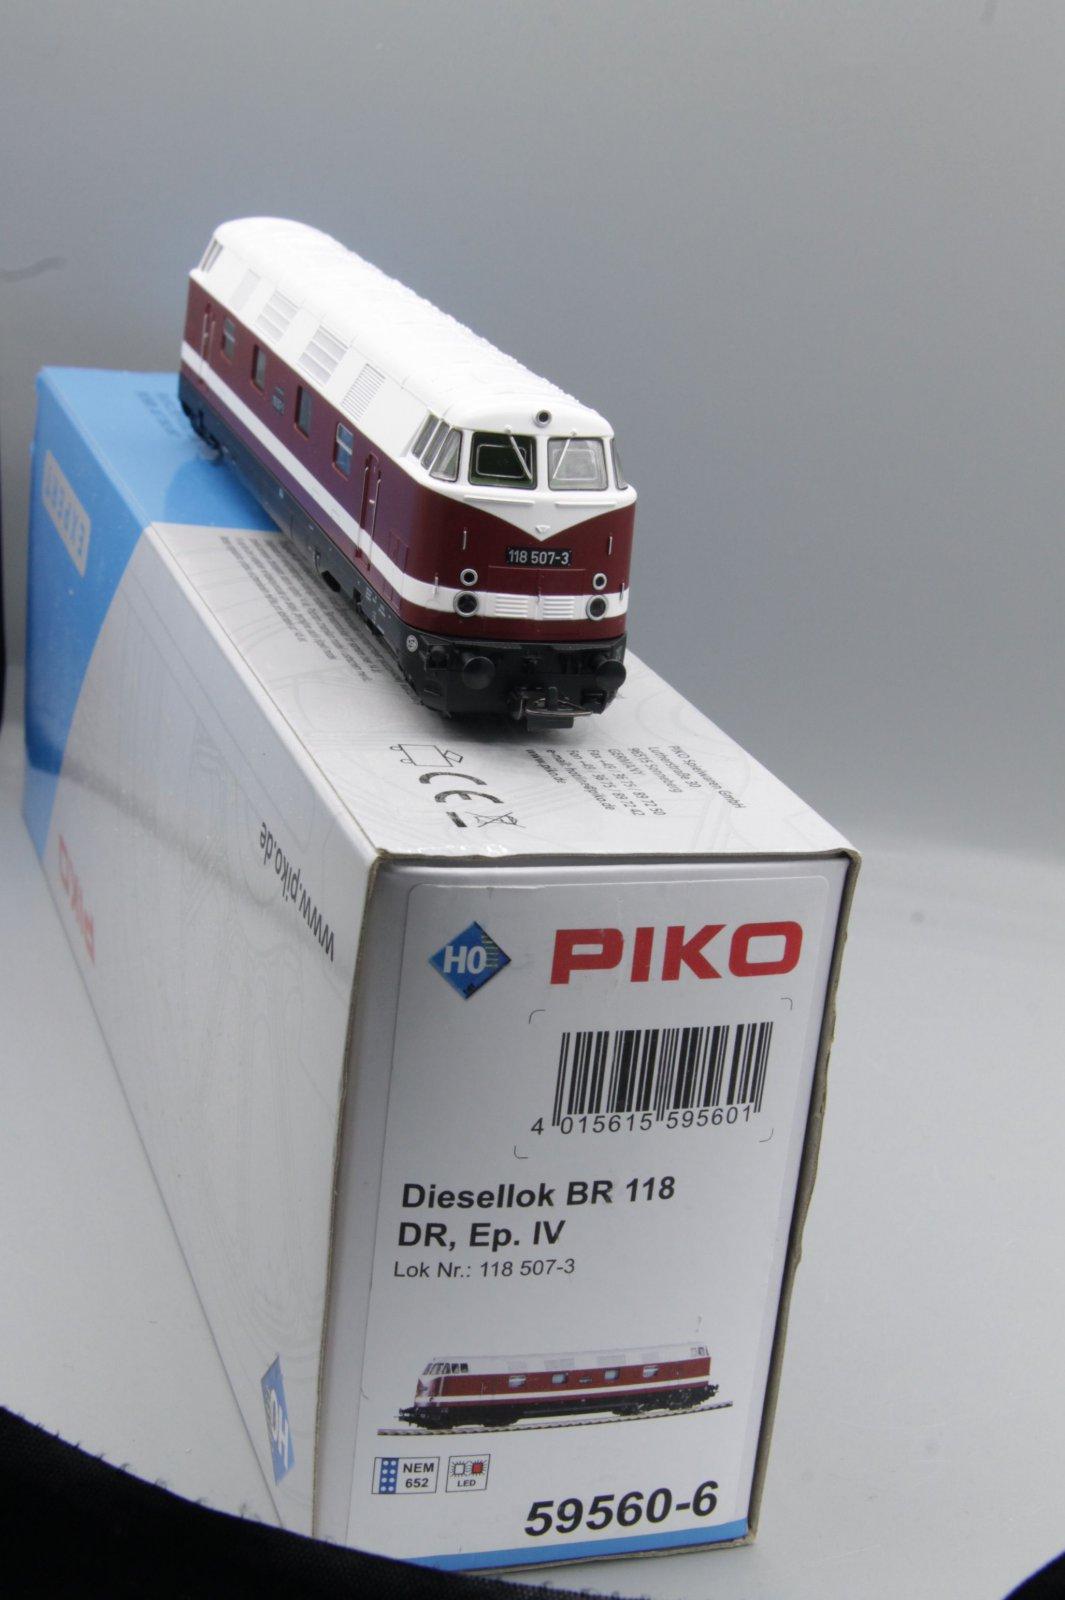 Piko 59560 Diesellok 118 507-3 Spur H0 - digital (D&H) mit Sound (Henning-Sound)